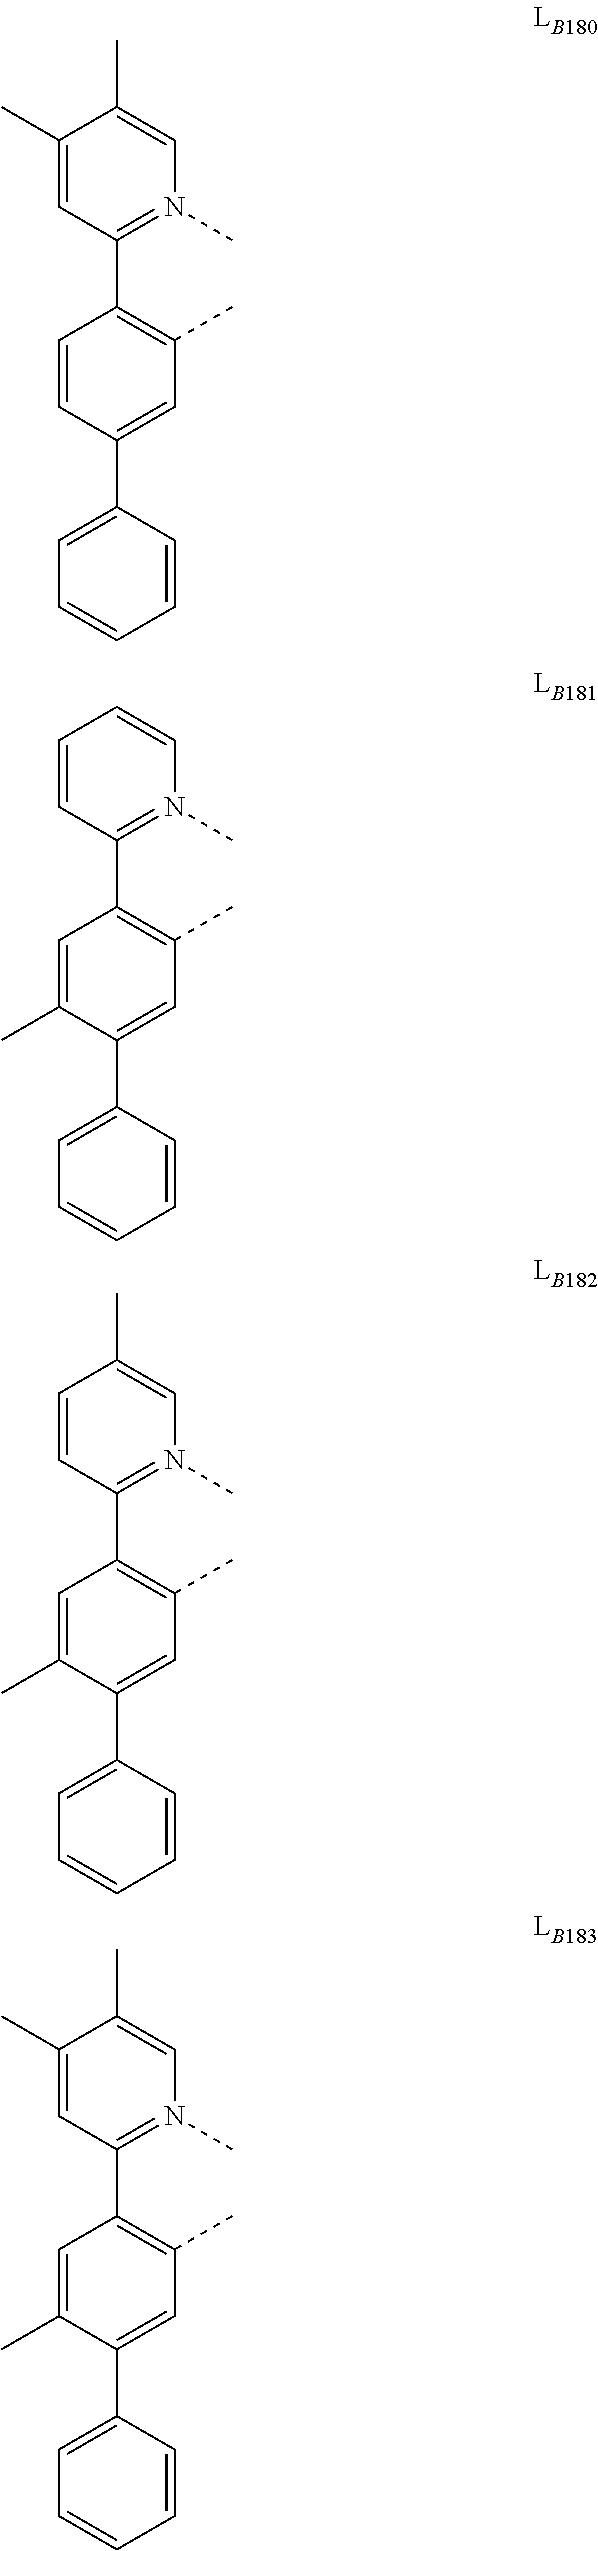 Figure US20180130962A1-20180510-C00102